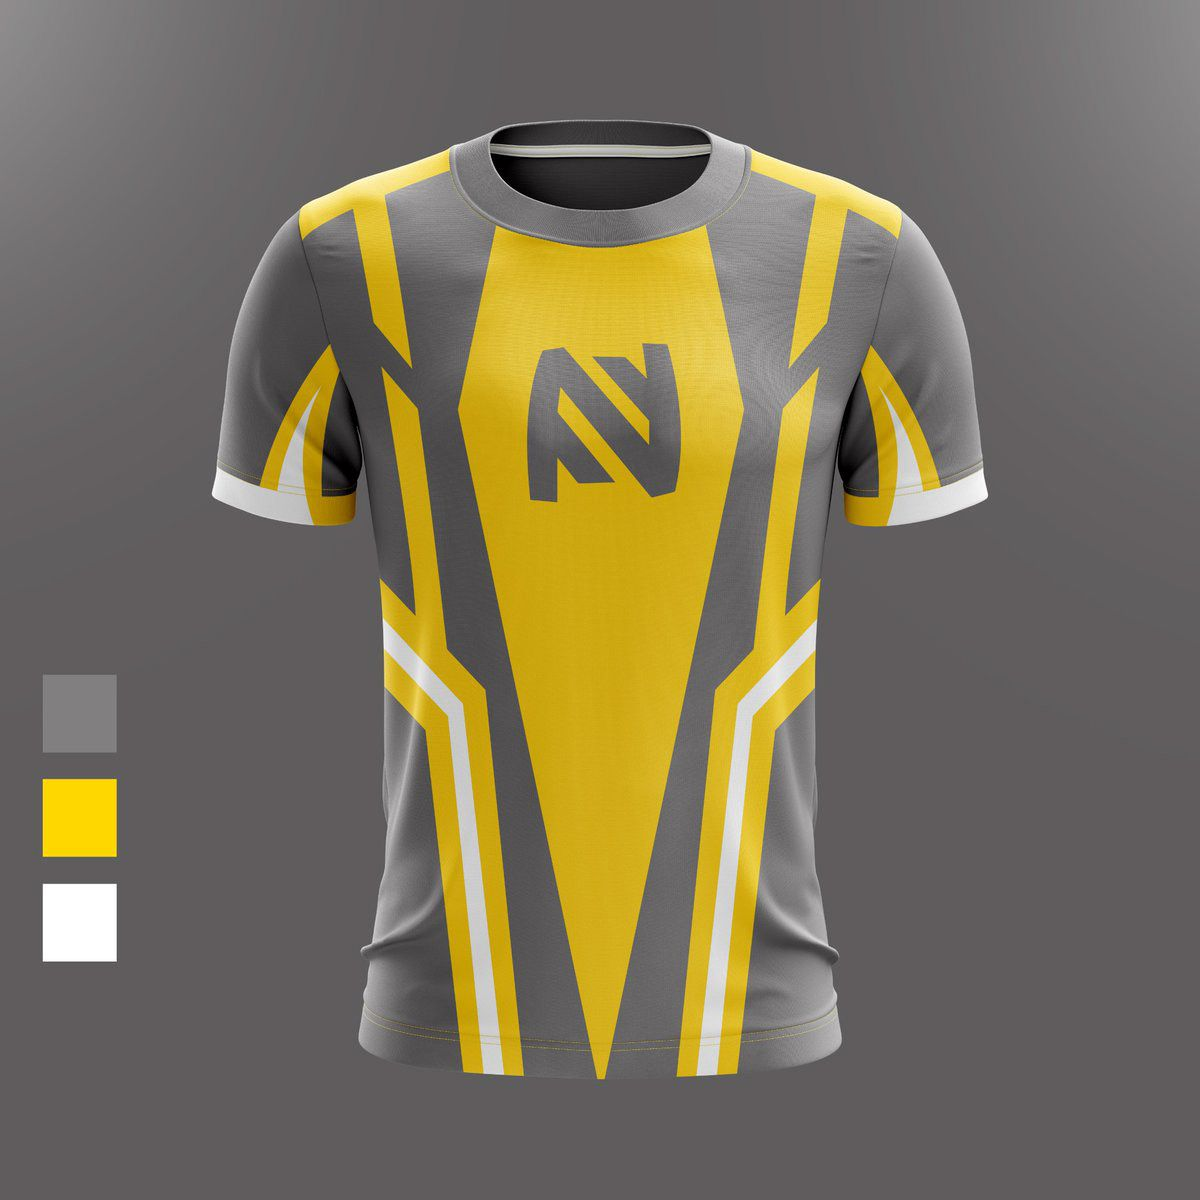 Download Esports Jerseys On Behance Jersey Design Jersey Shirt Template